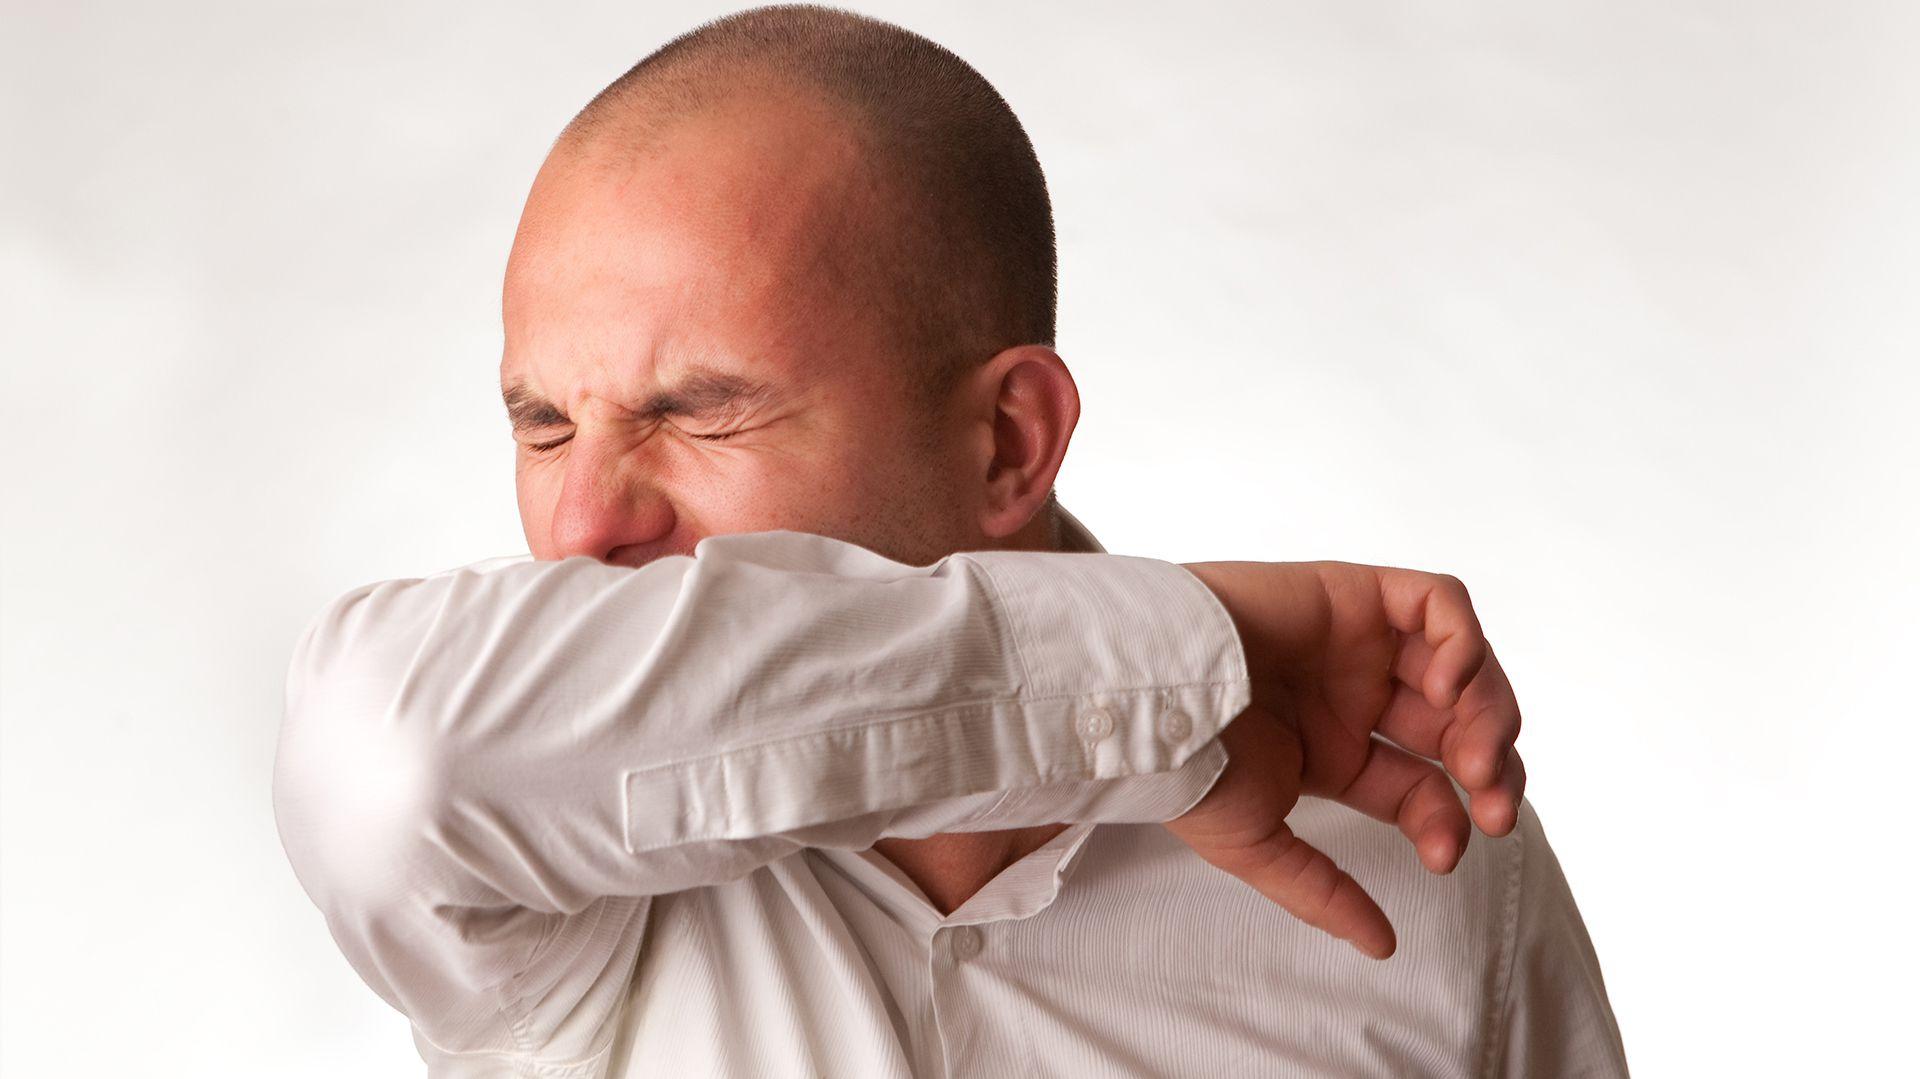 Taparse la boca y la nariz con un pañuelo descartable, o estornudar hacia la parte interior del codo son las recomendaciones para no suprimir el estornudo (Getty)